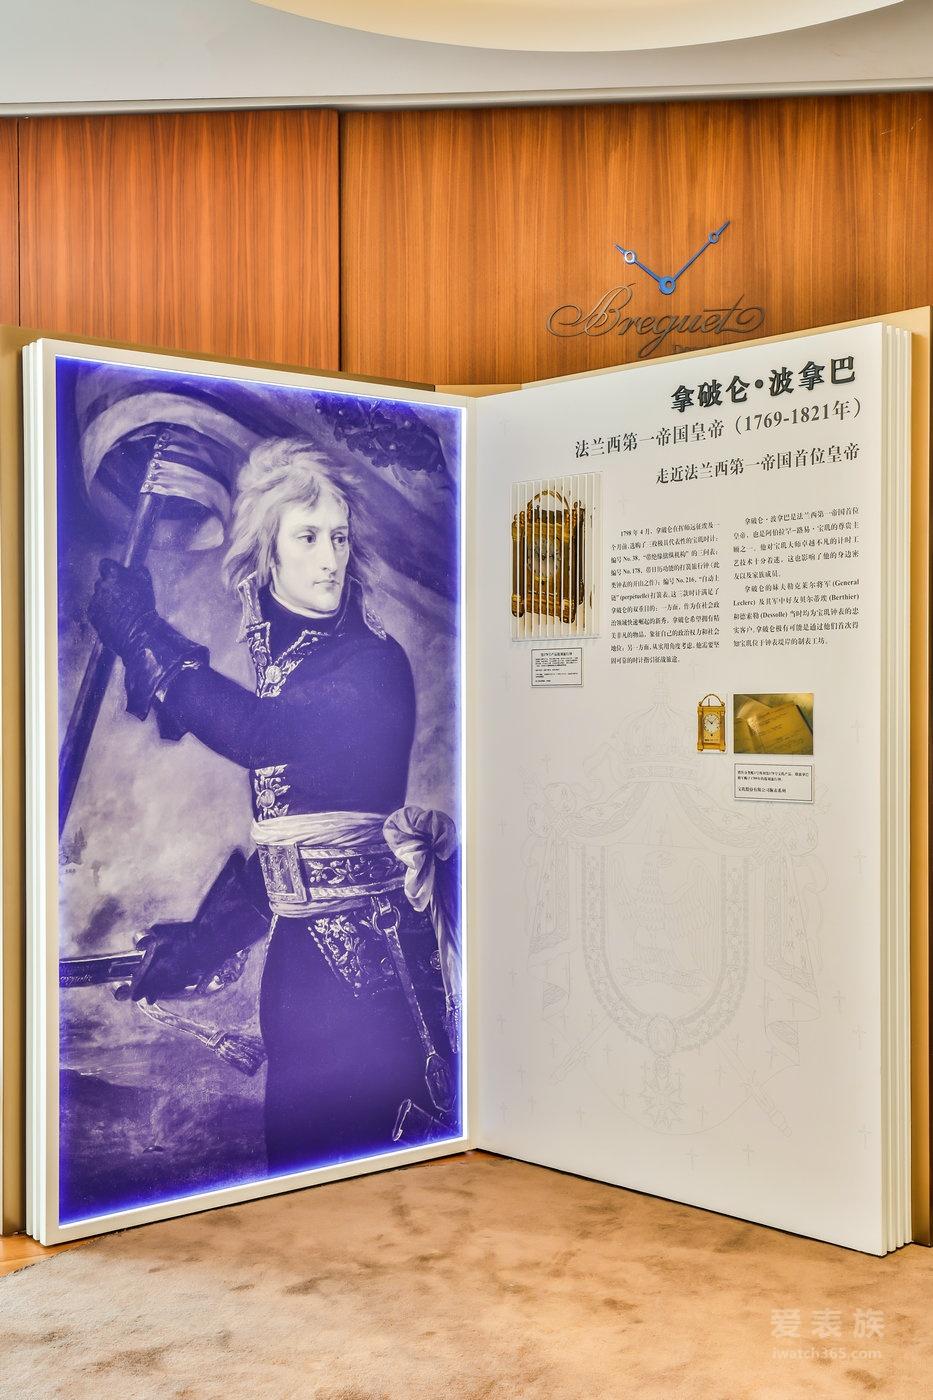 宝玑(BREGUET) :演绎古今传奇 共鉴悠久历史